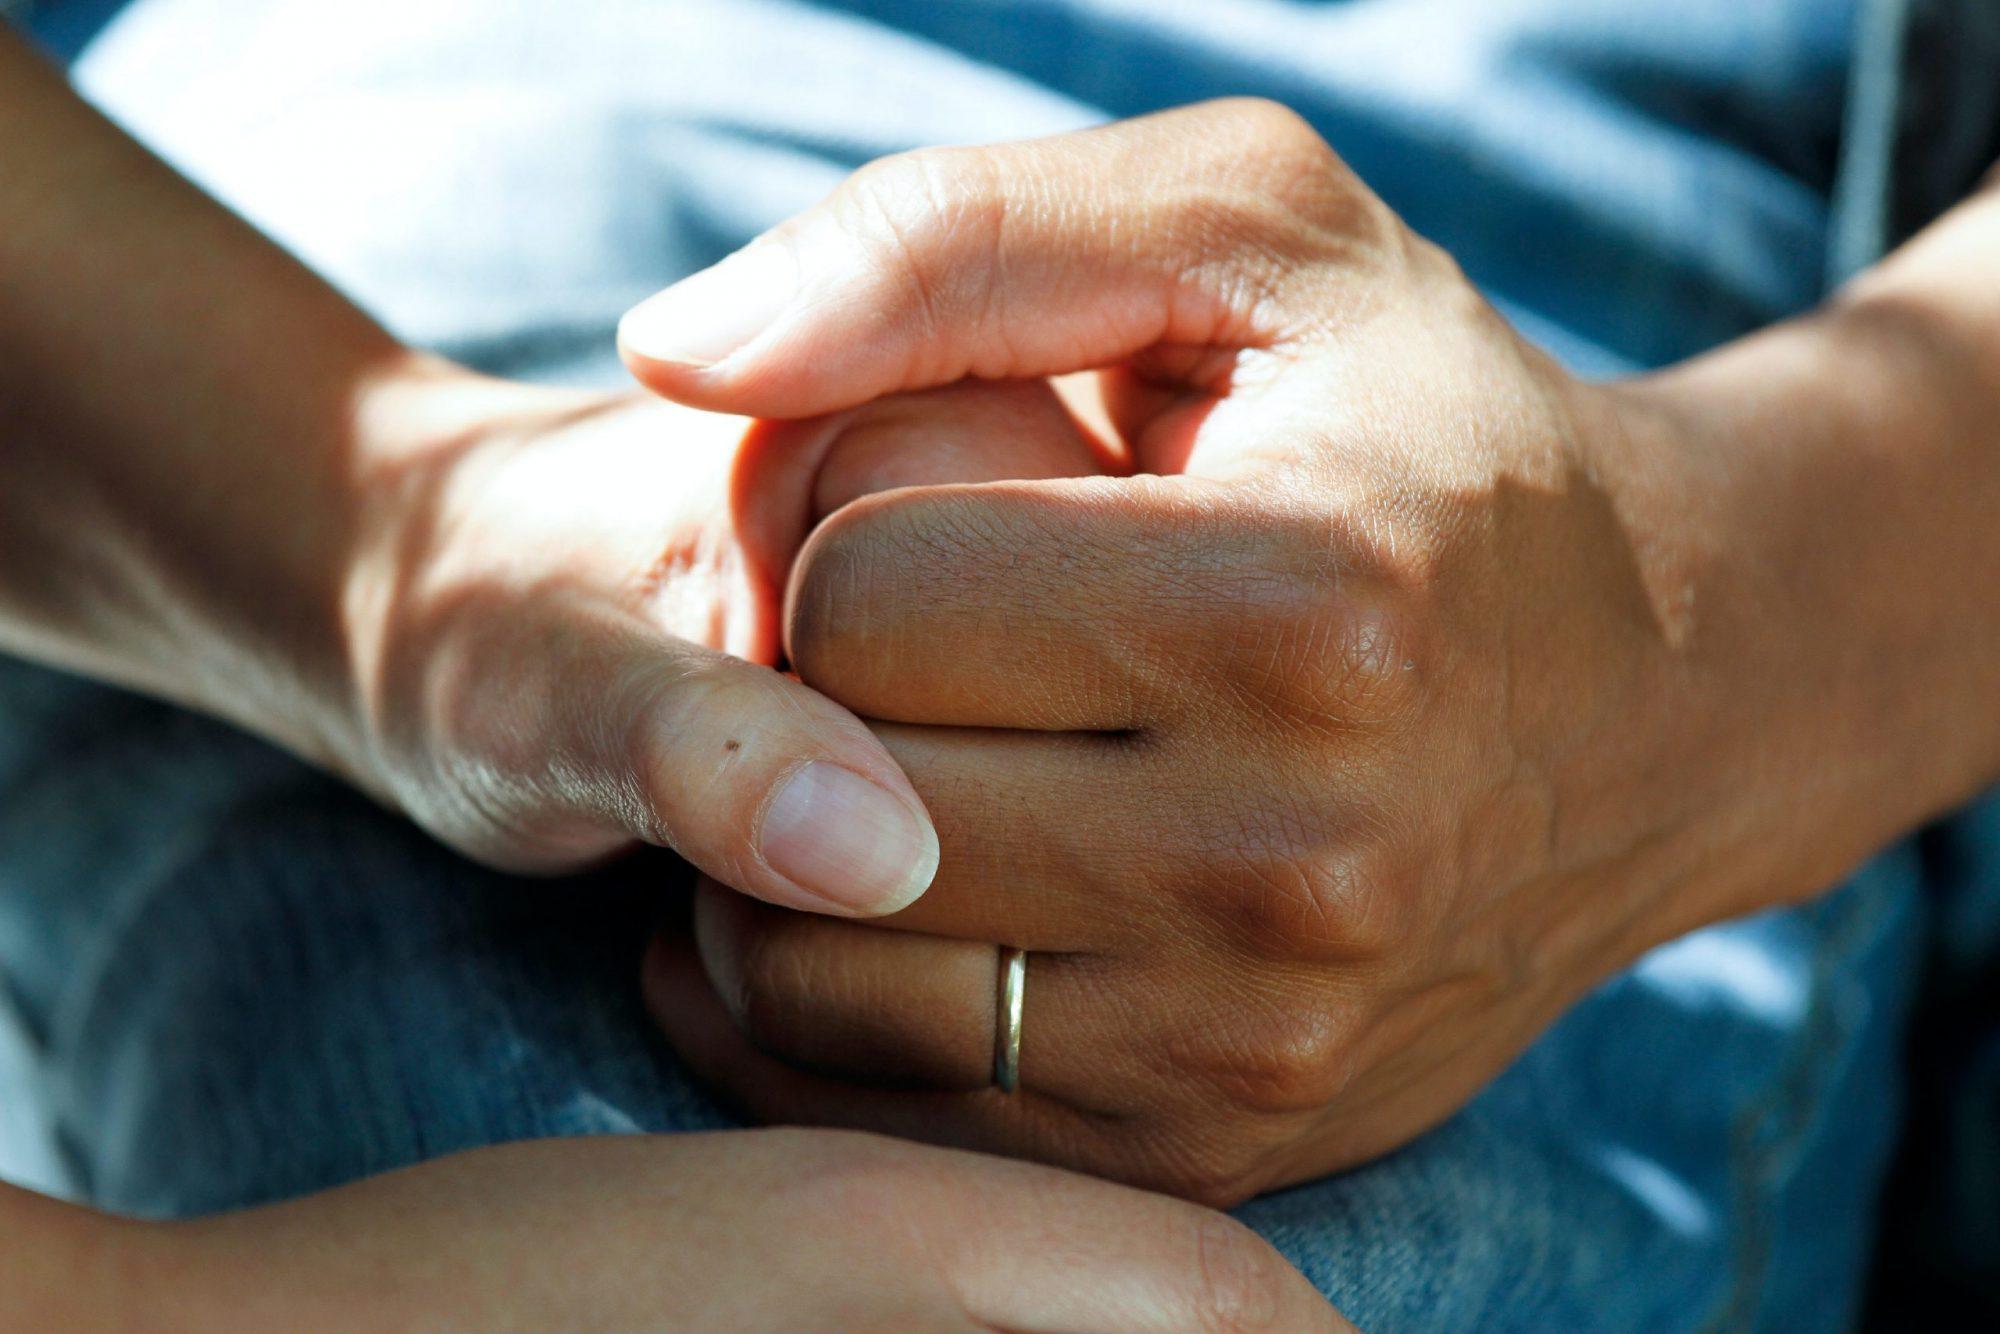 Keskenmenon jälkeen tarvitaan lähipiiriltä erityistä tukea ja hienotunteisuutta